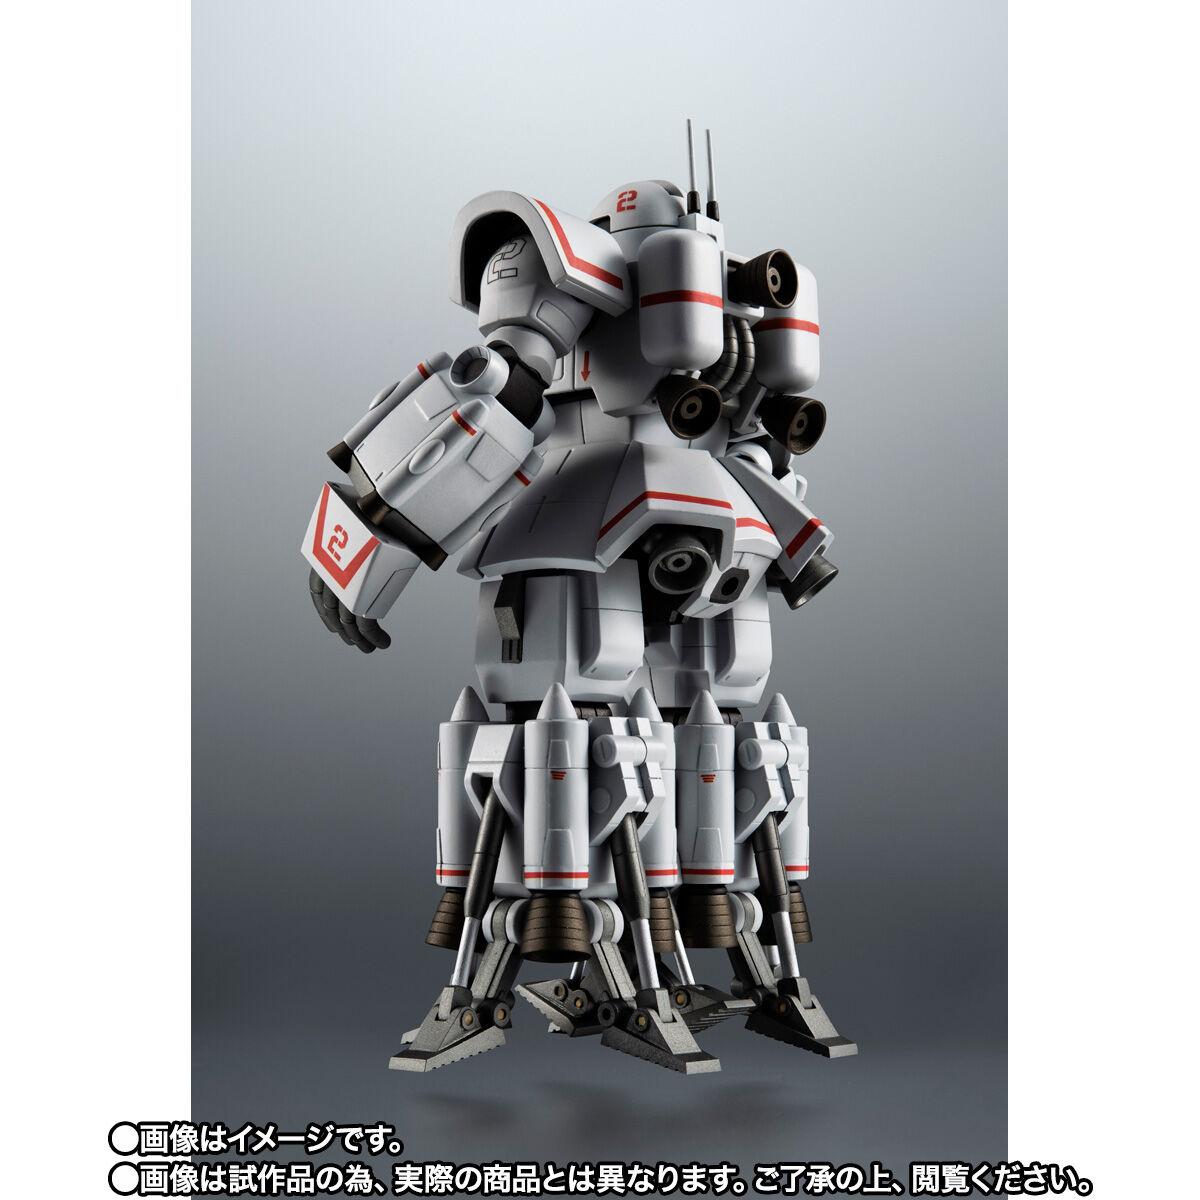 【限定販売】ROBOT魂〈SIDE MS〉『MSN-01 高速機動型ザク ver. A.N.I.M.E.』ガンダムMSV 可動フィギュア-003